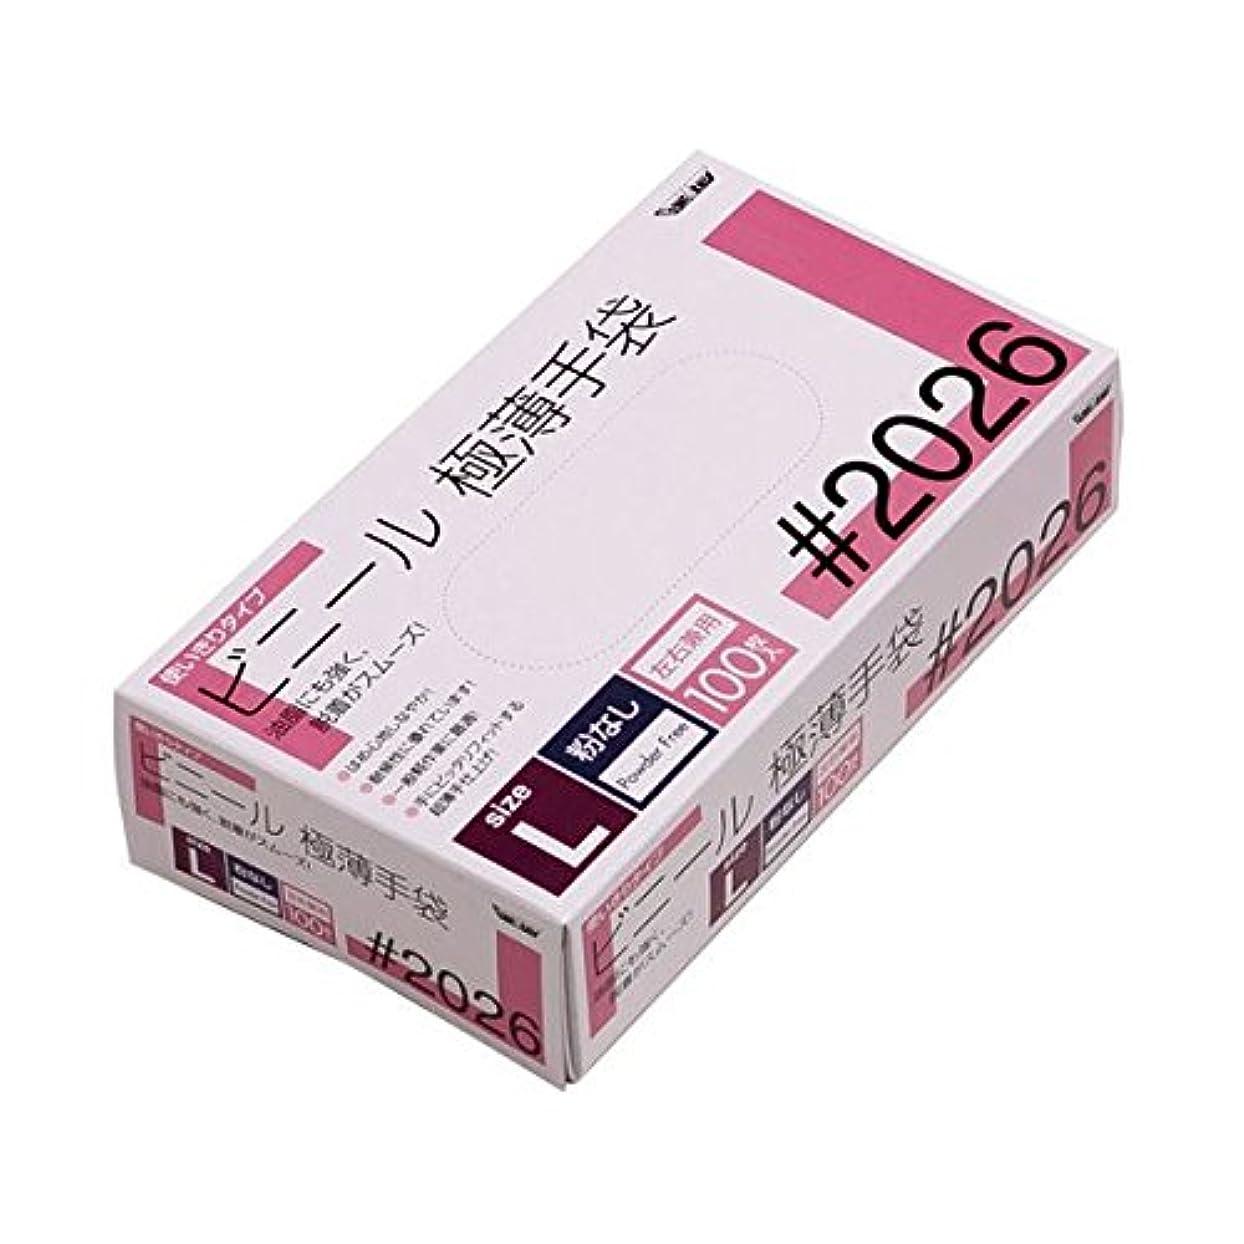 川西工業 ビニール極薄手袋 粉なし L 20箱 ds-1915778